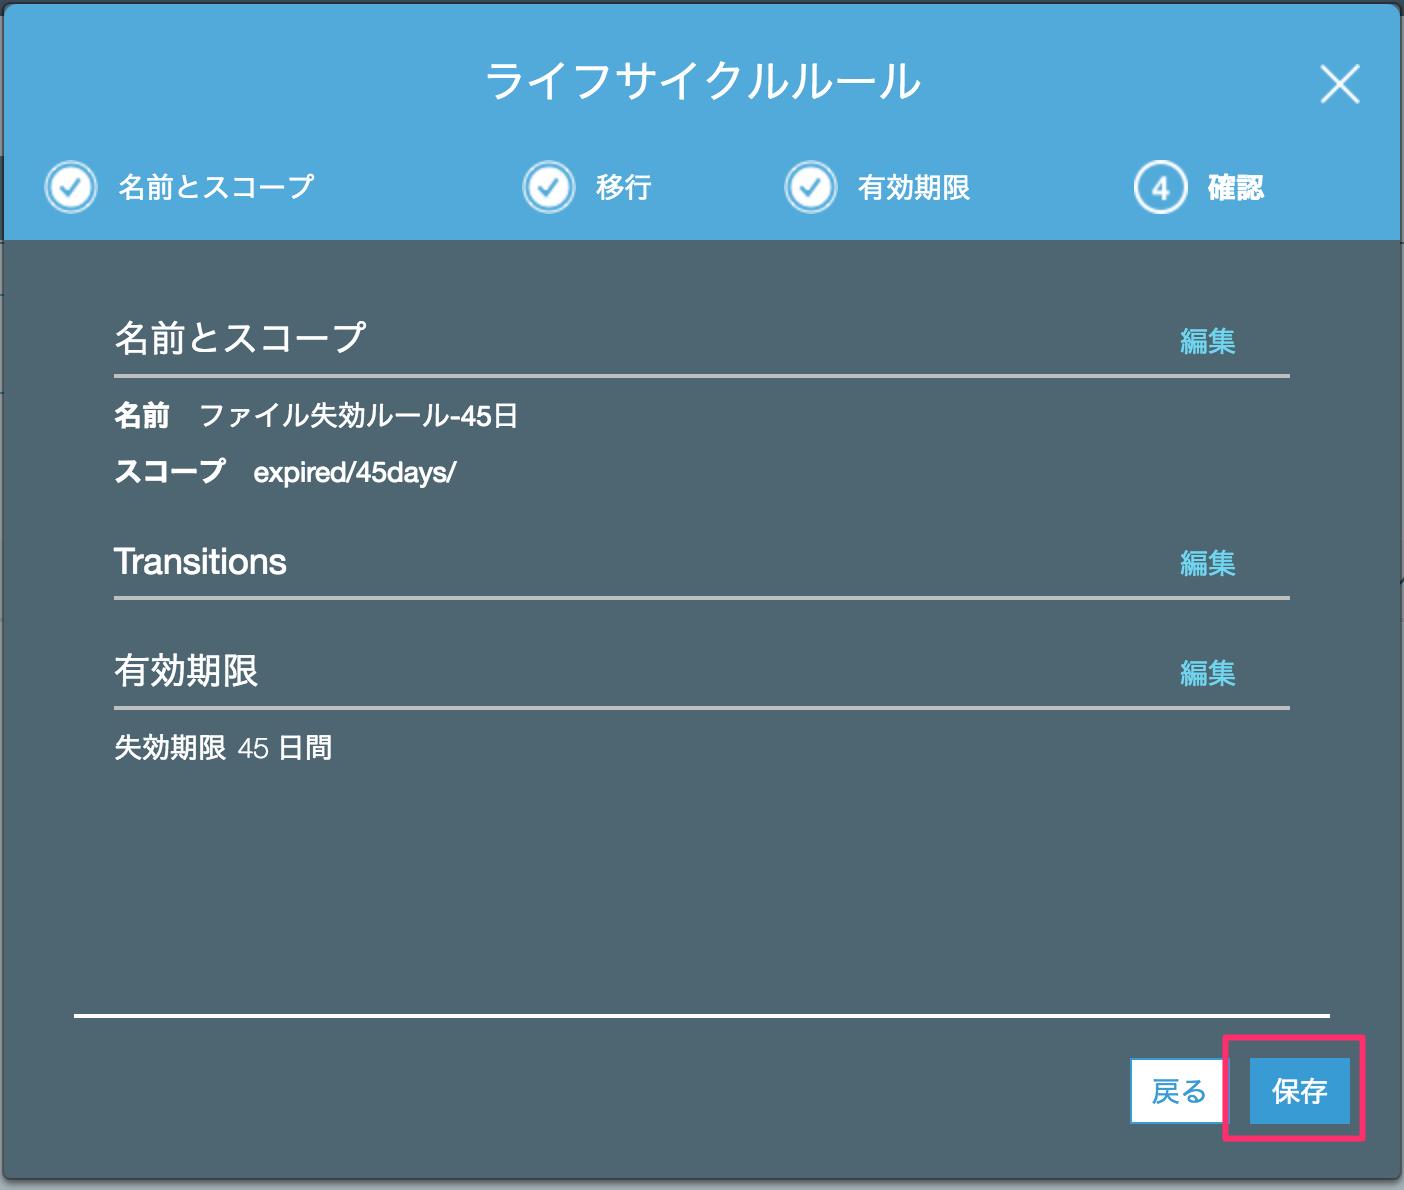 S3_Management_Console.png